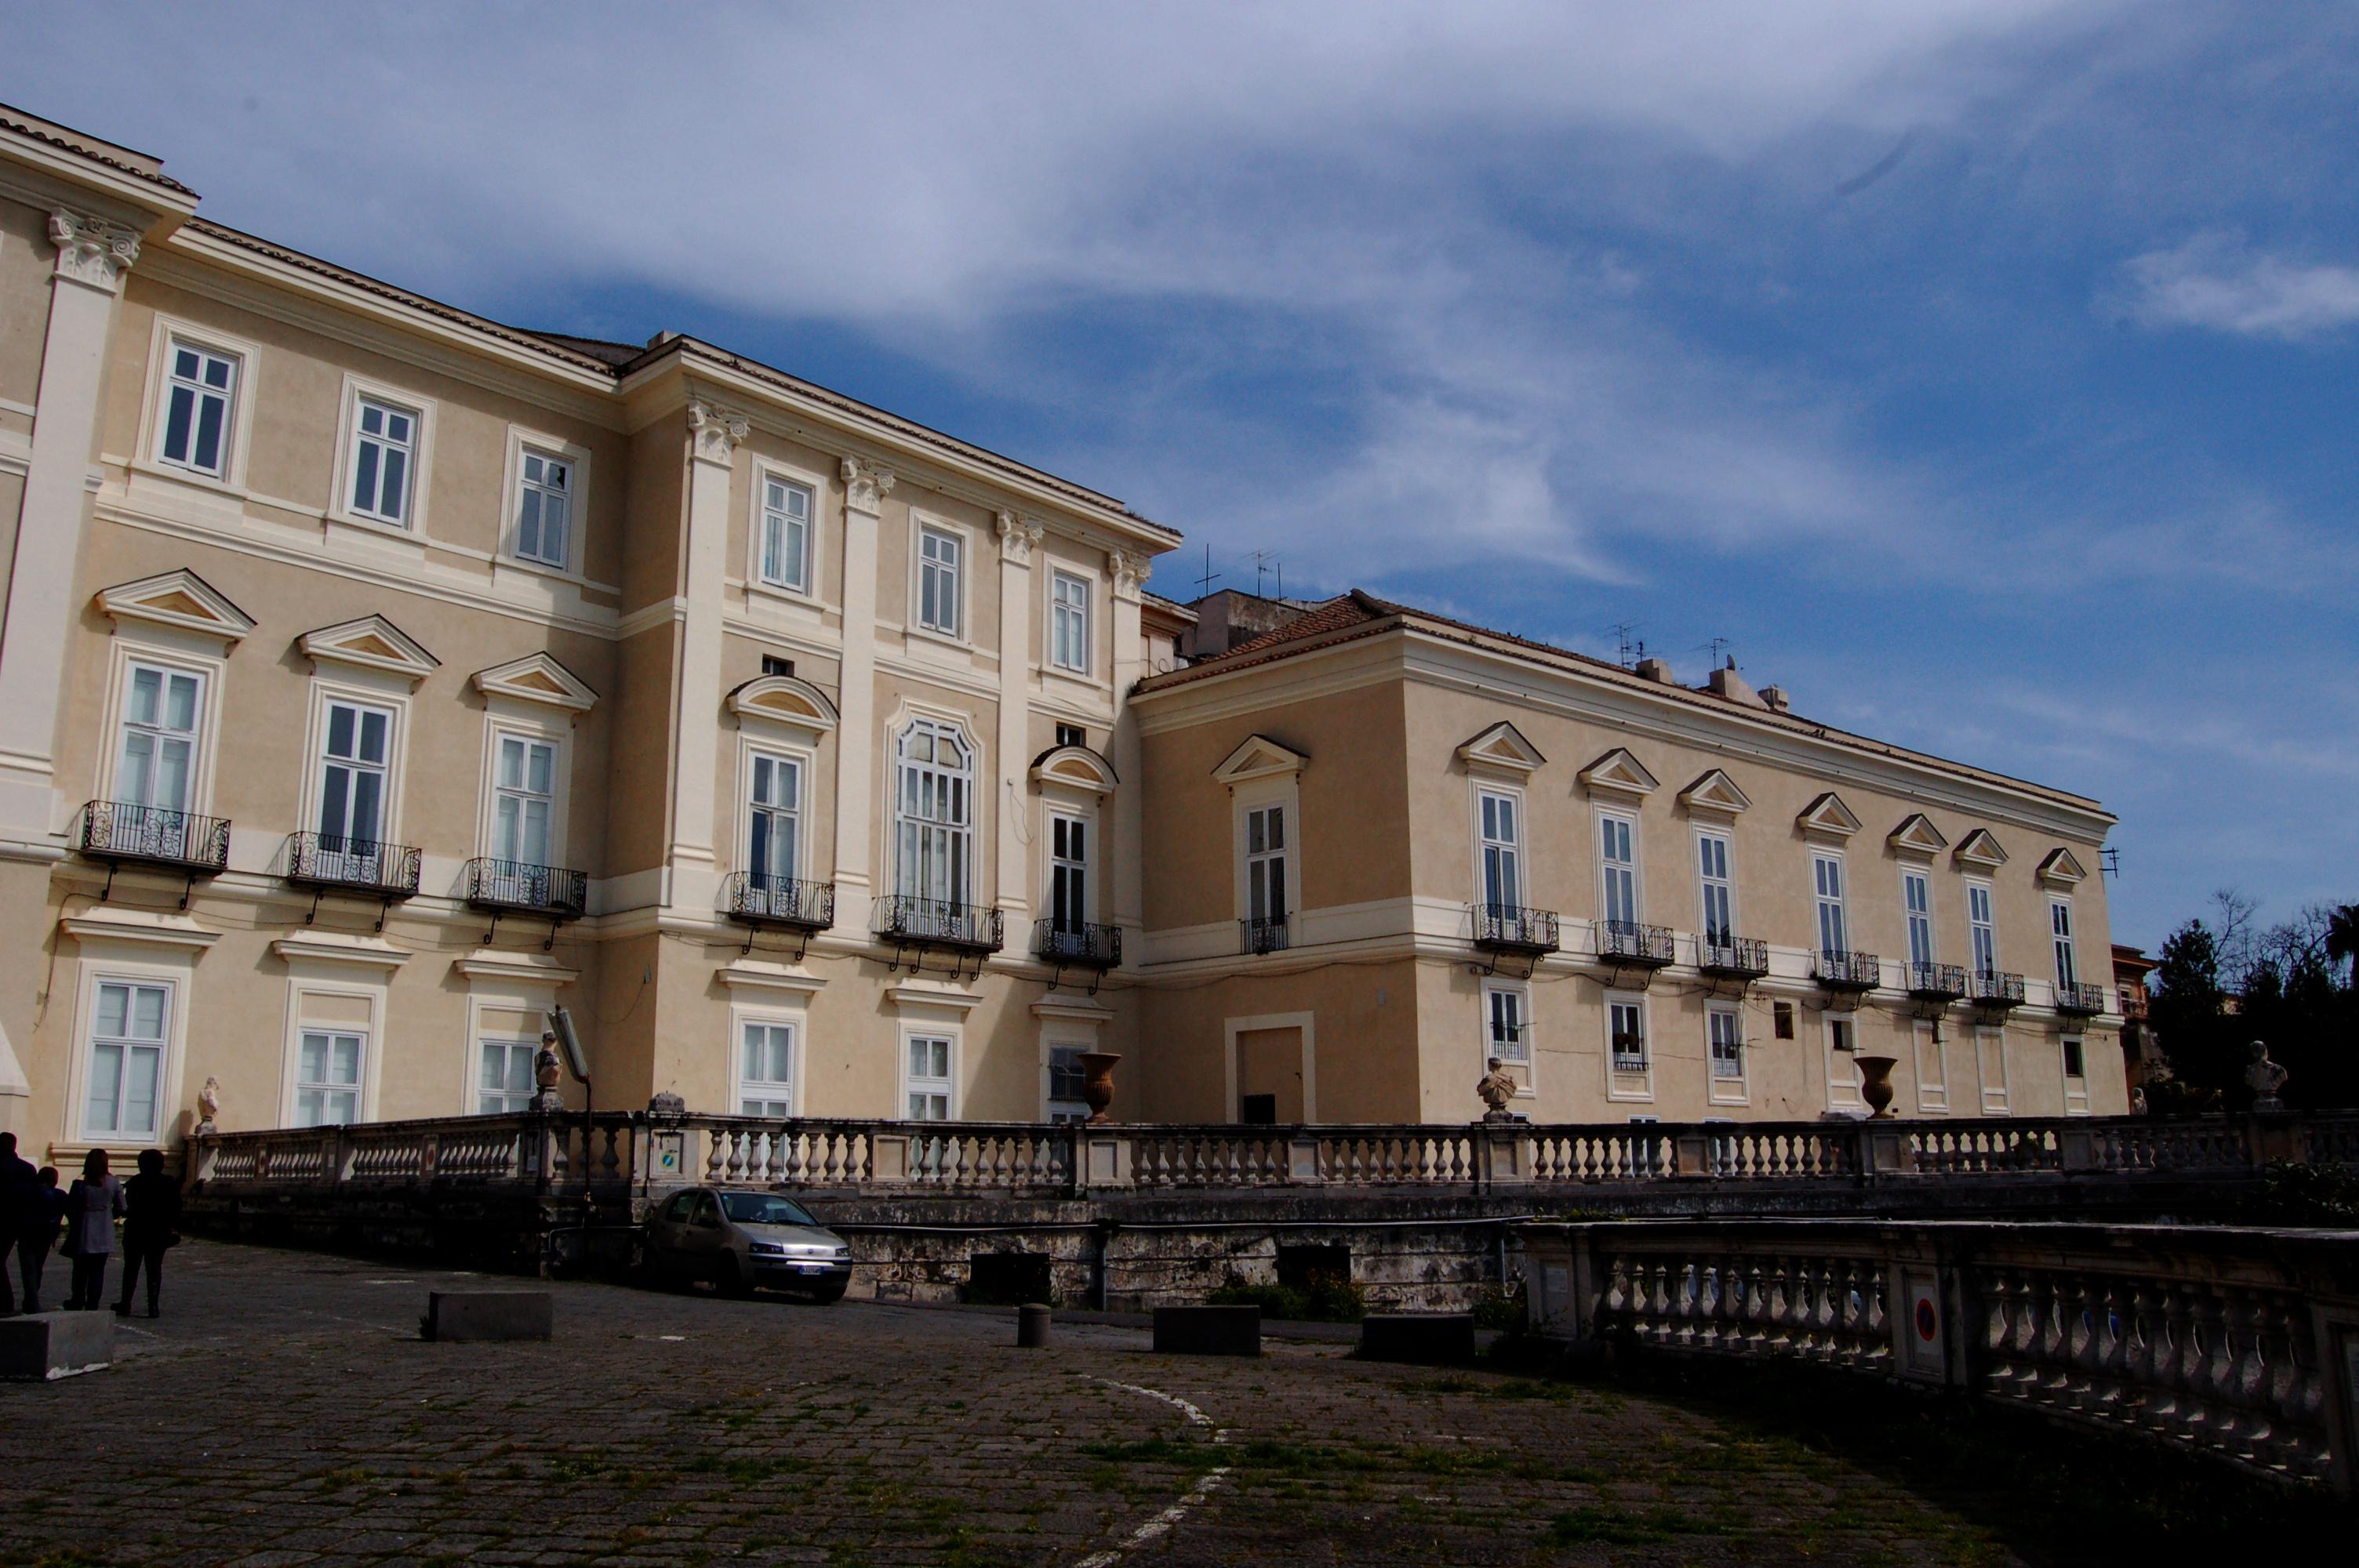 Un sos per la reggia di portici portici notizie for Foto di portici per case